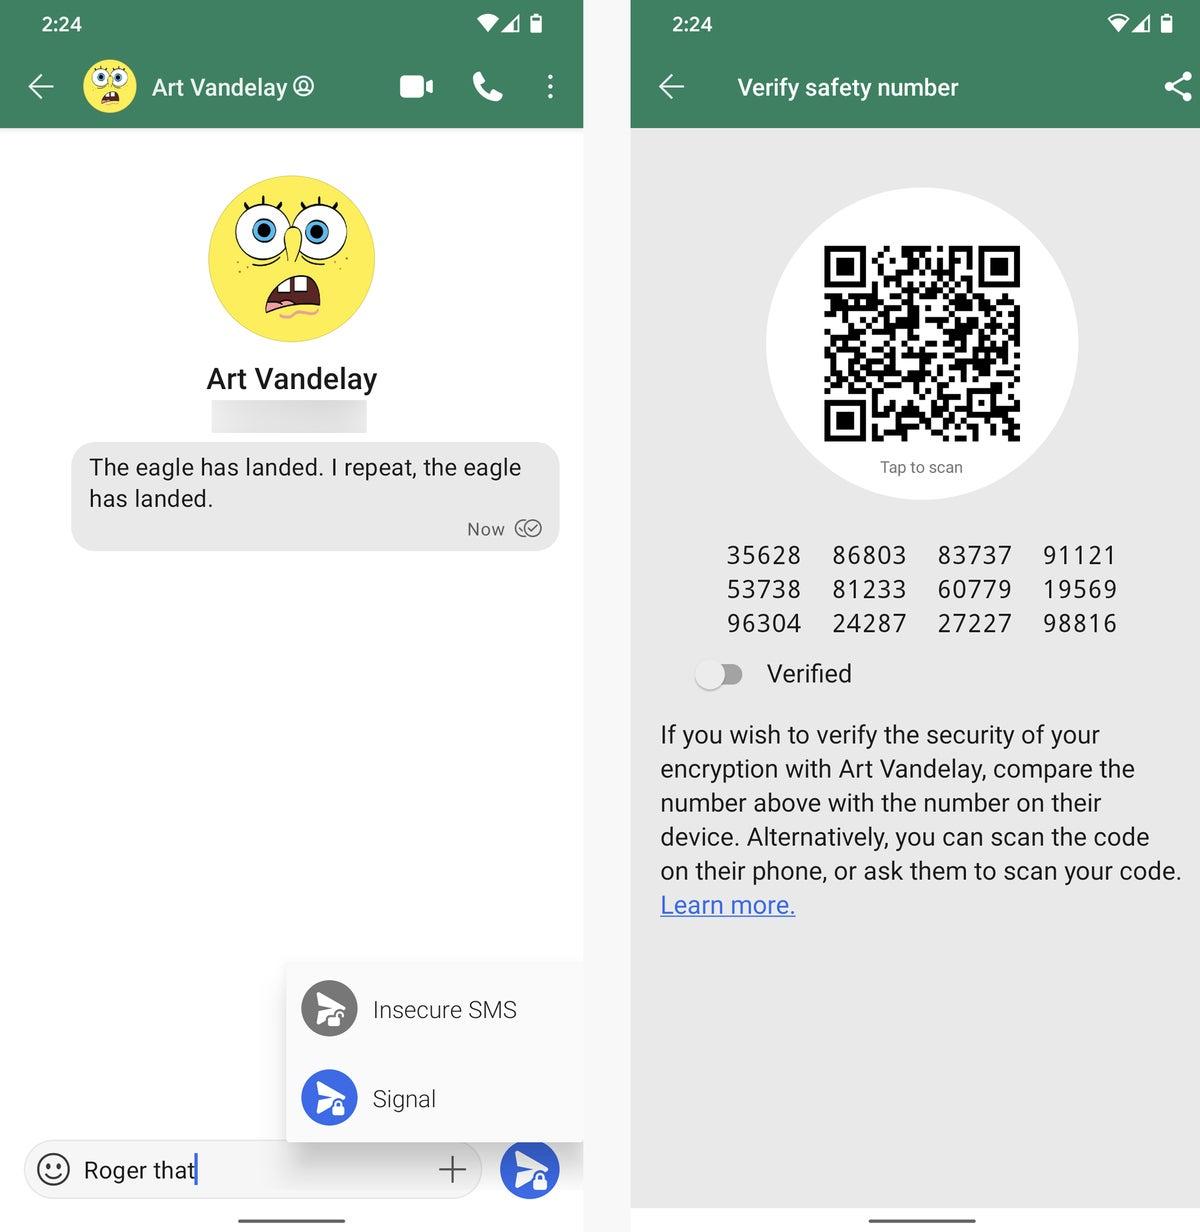 señal de aplicaciones de mensajes de texto de correo electrónico de Android